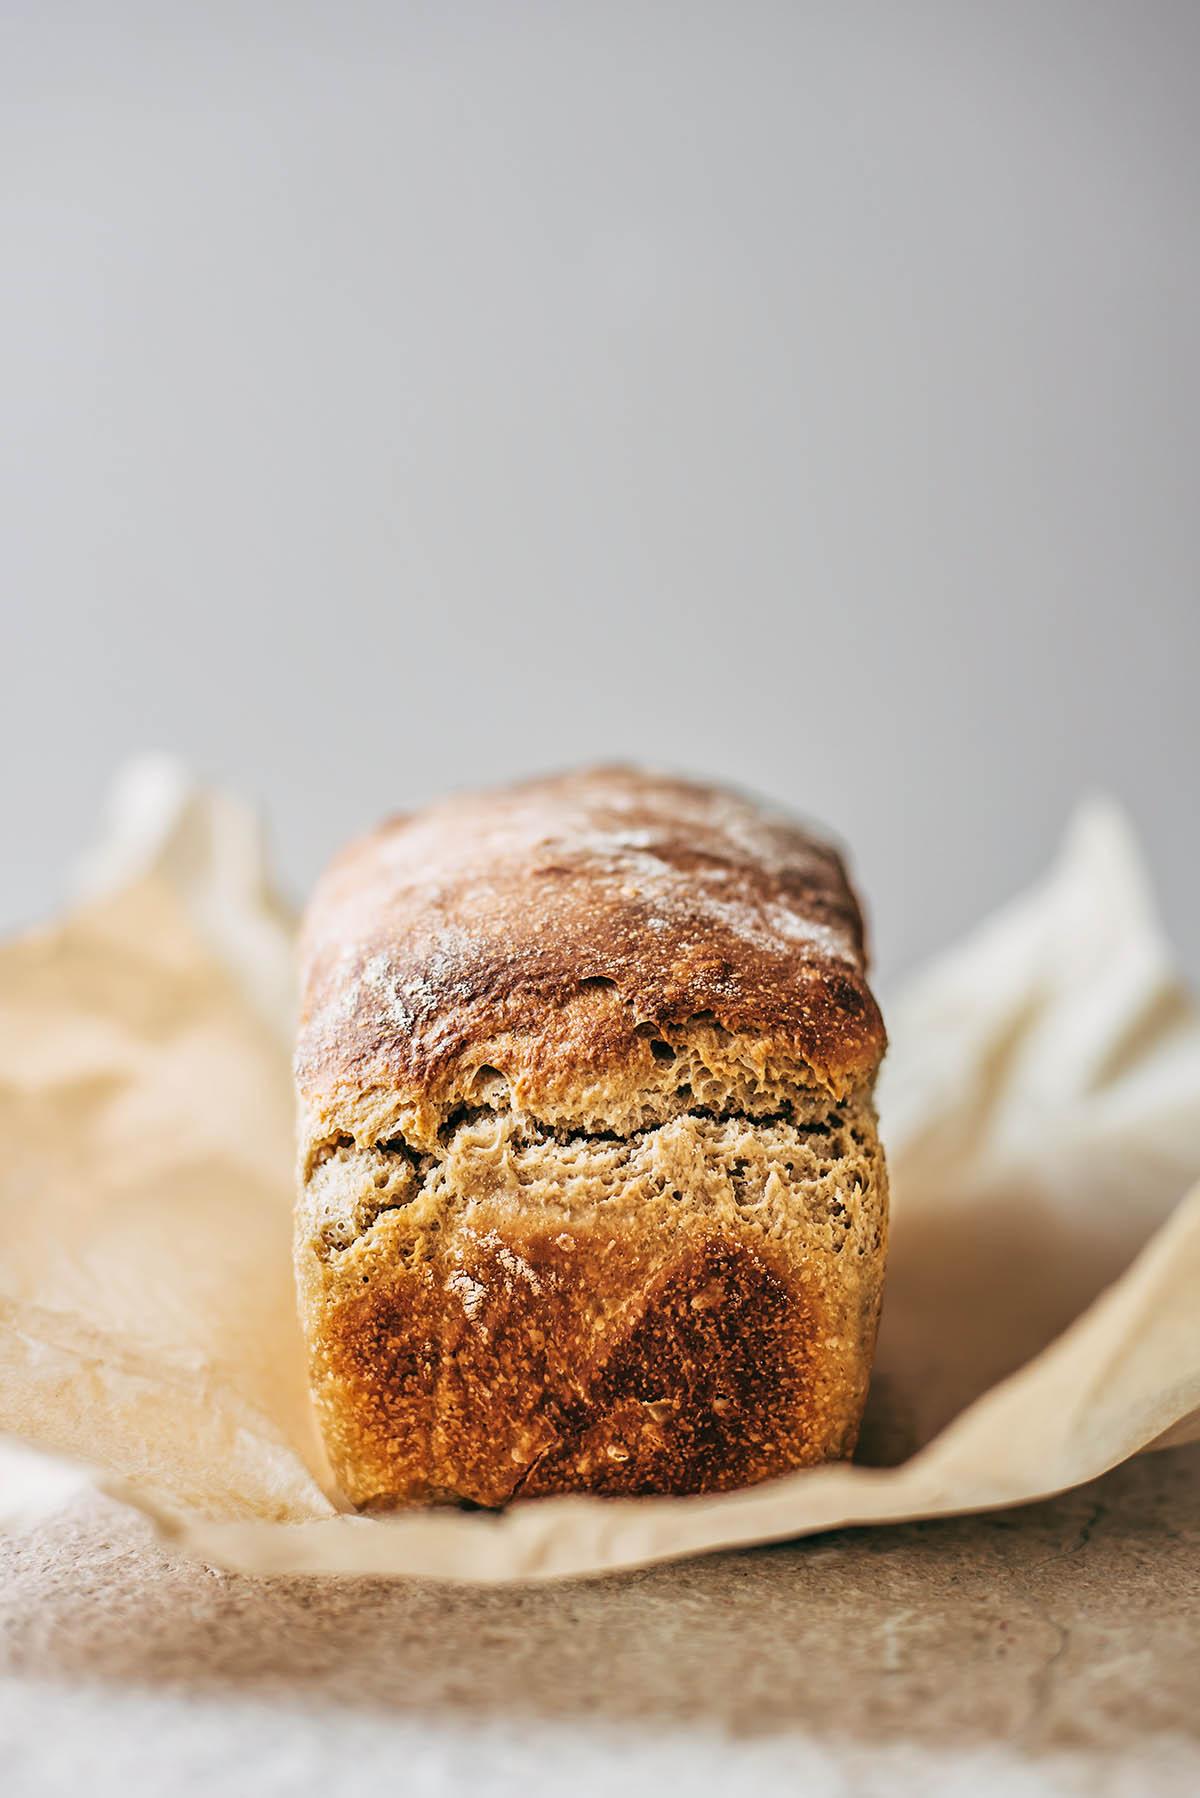 A loaf of sourdough sandwich bread on a piece of parchment paper.